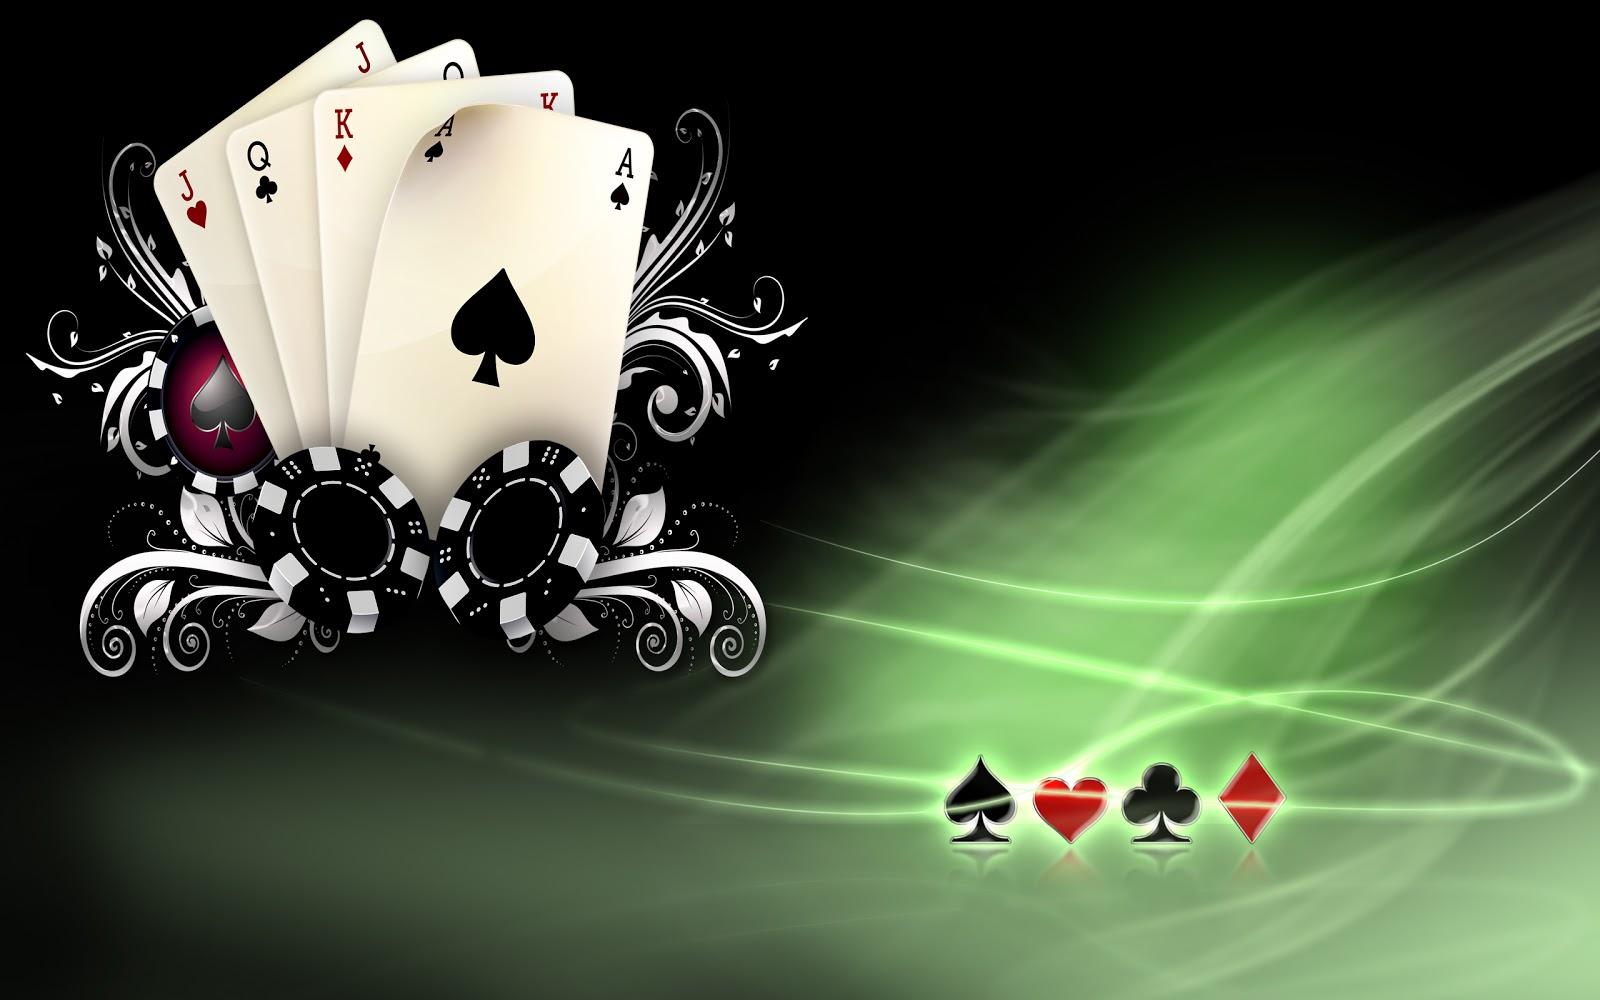 Jouer au casino en ligne, un choix avantageux